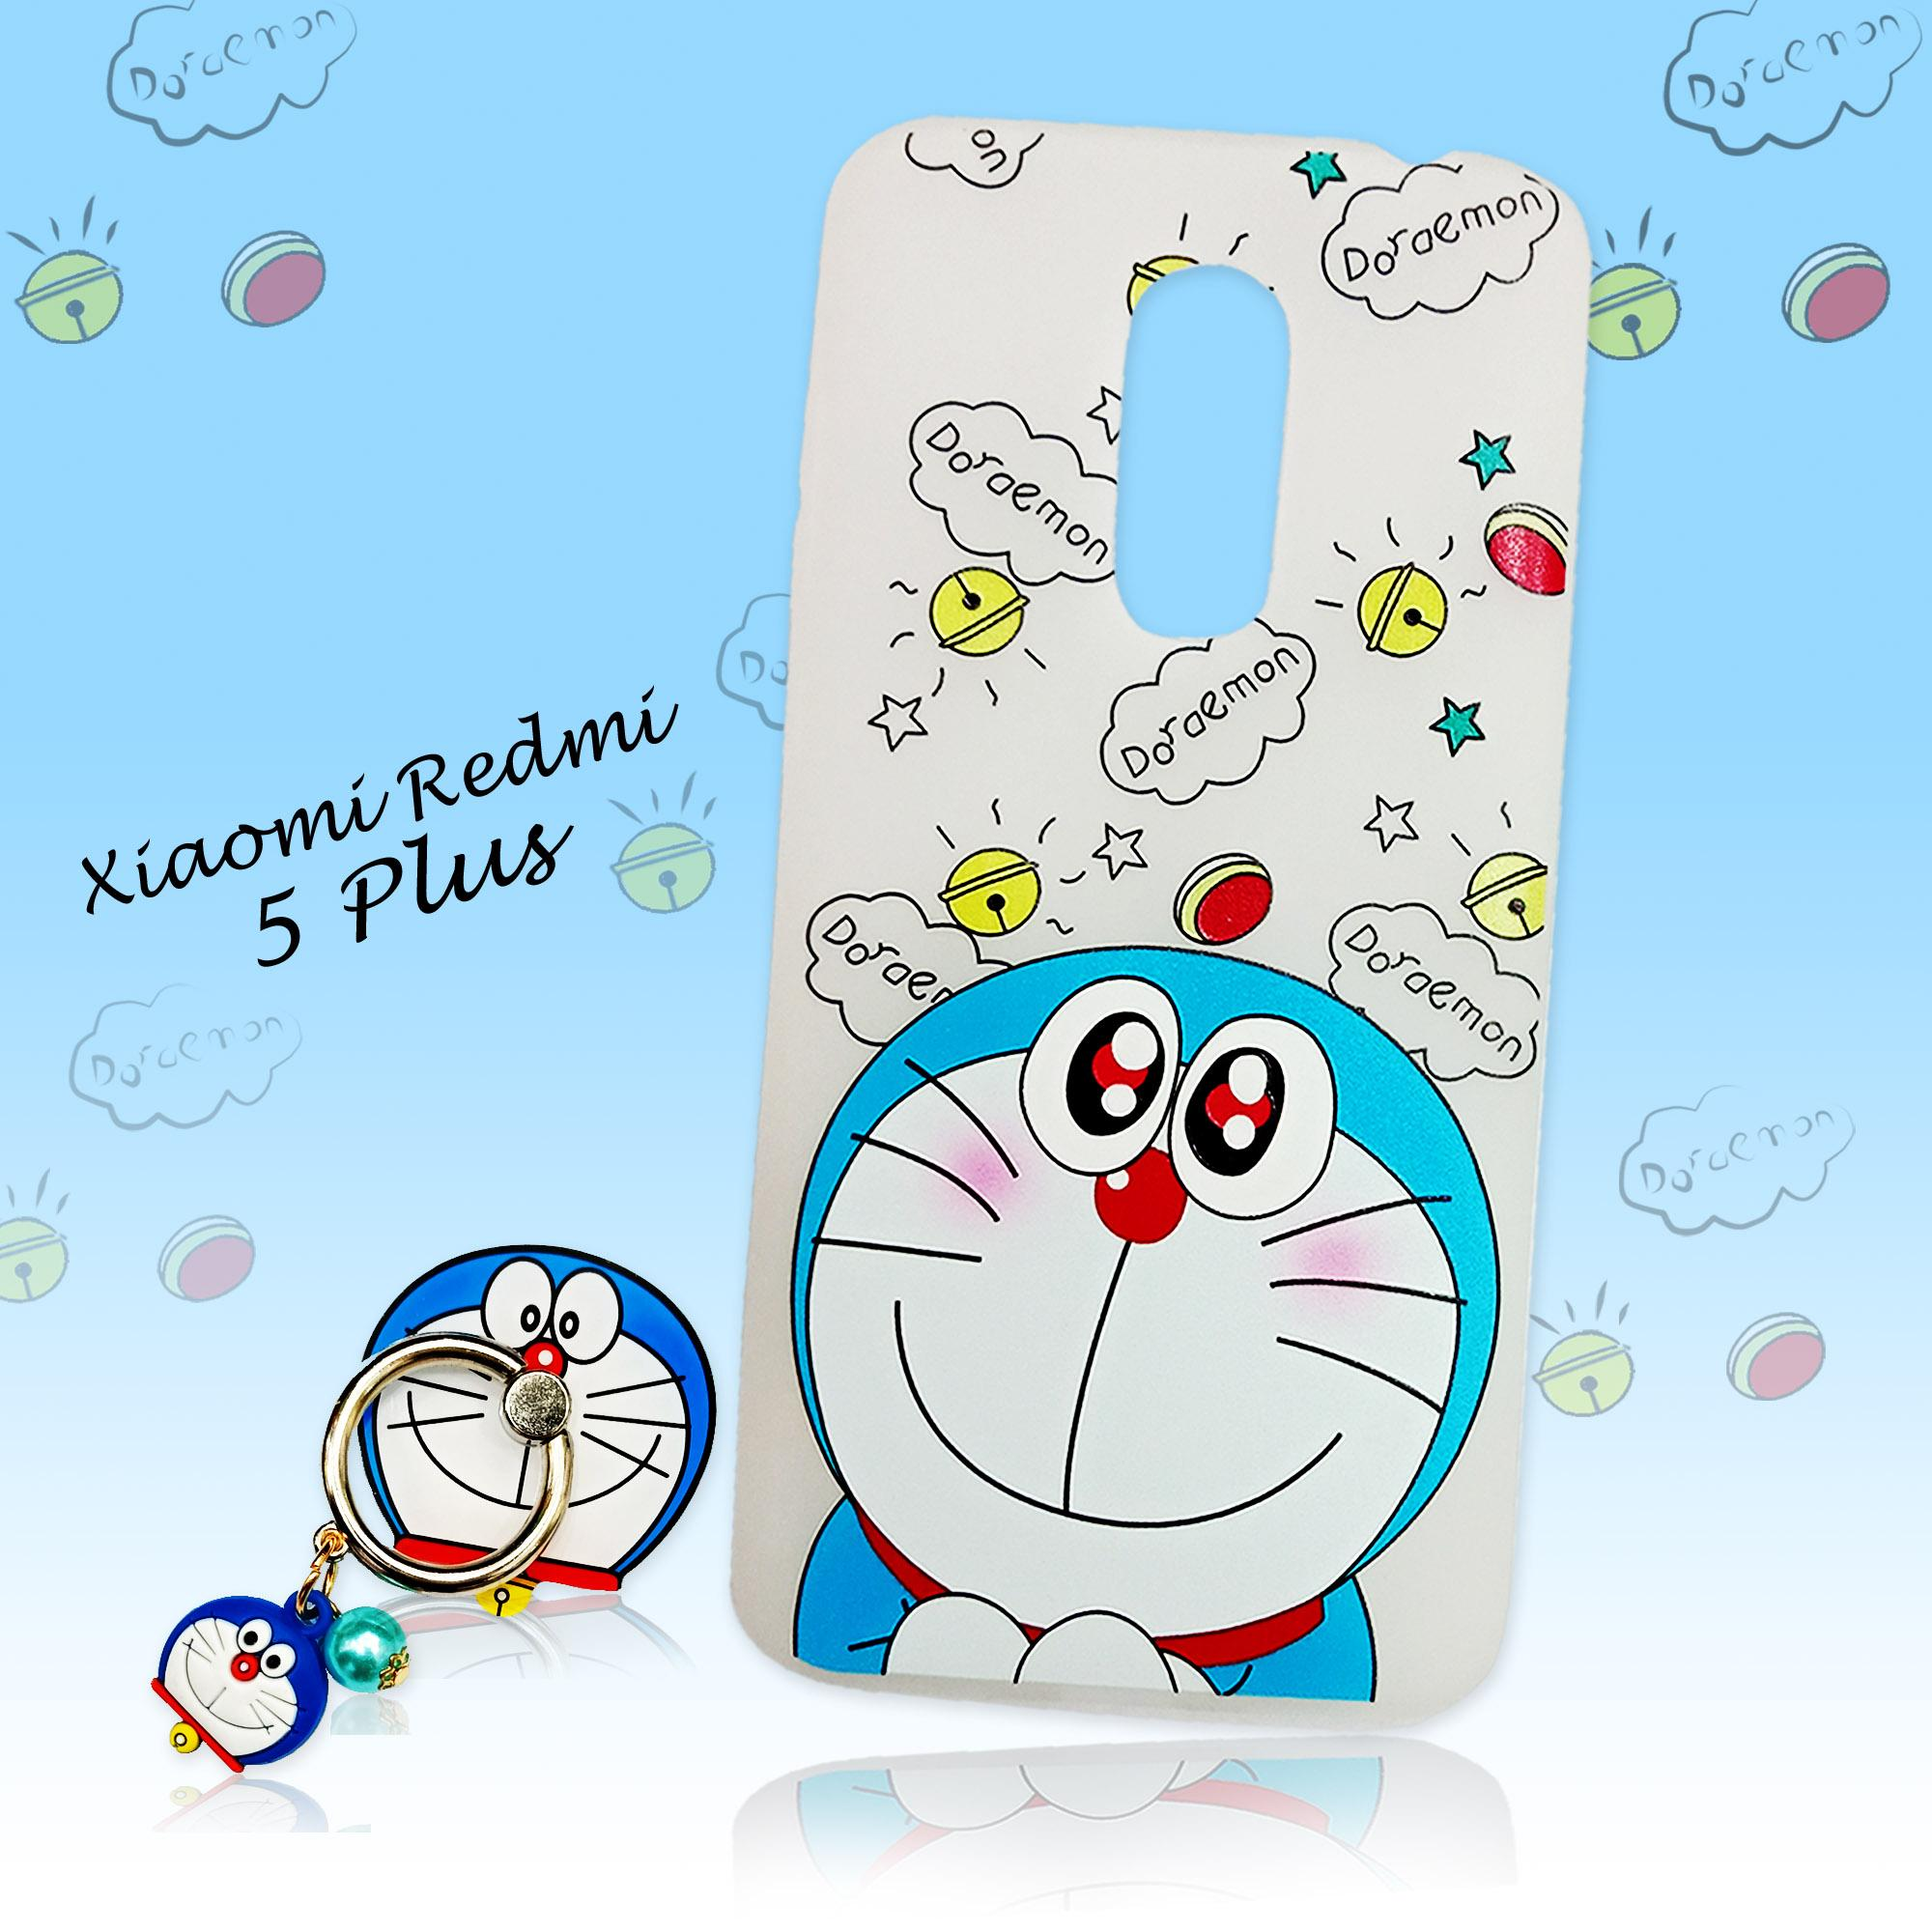 Fitur Marintri Case Xiaomi Redmi 5 Plus New Iring Doraemon Ume Note 2 Hitam Casemurah Id8